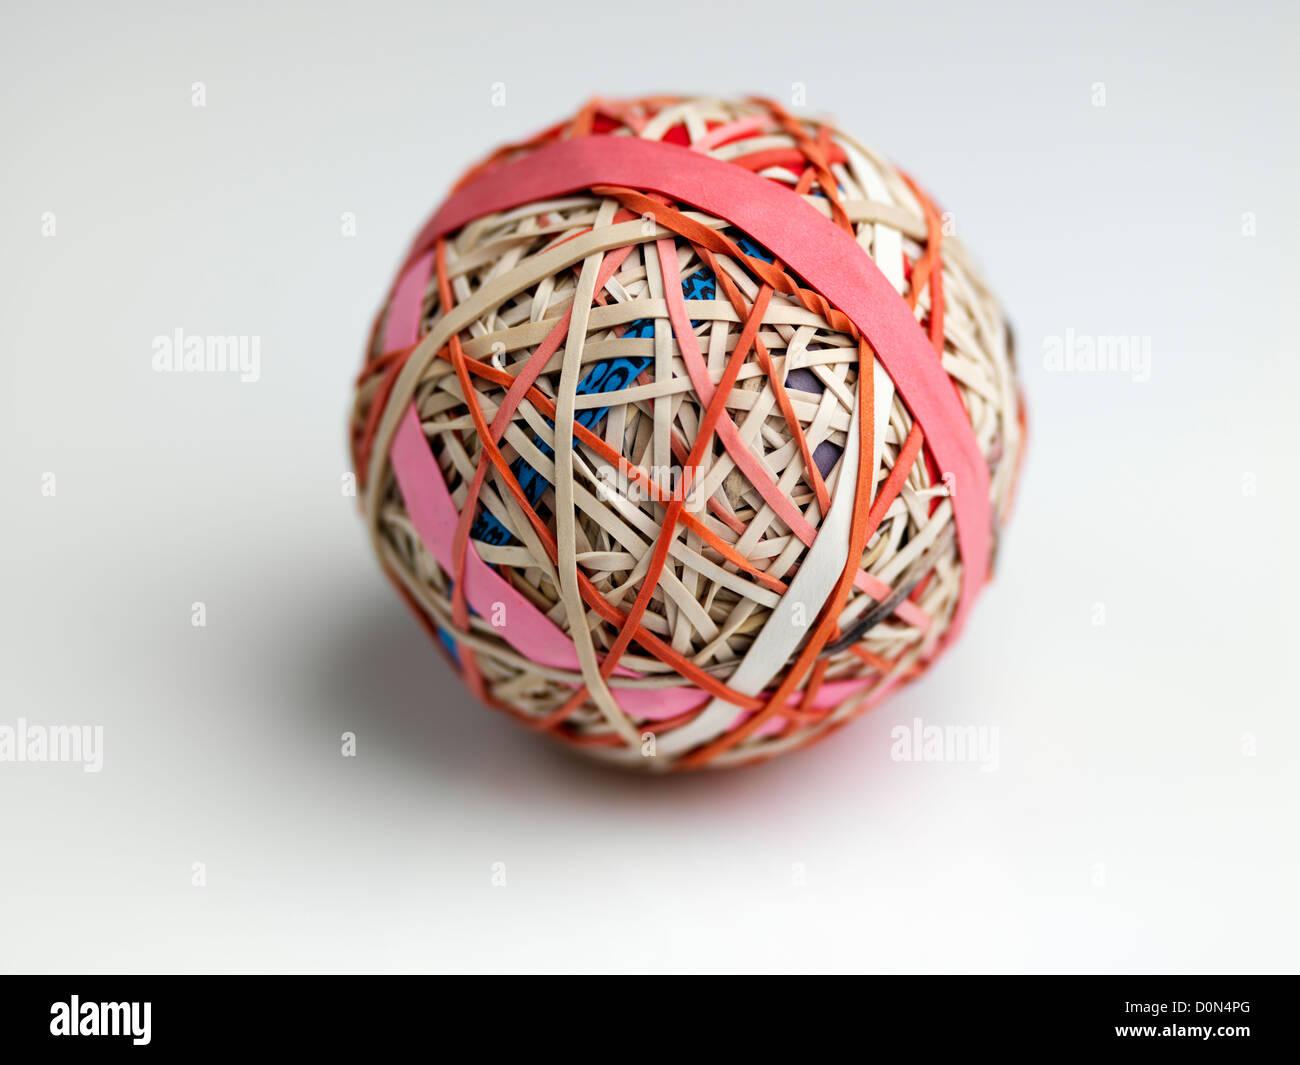 Banda de goma de la bola, la bola de bandas elásticas herida uno encima de otro Imagen De Stock